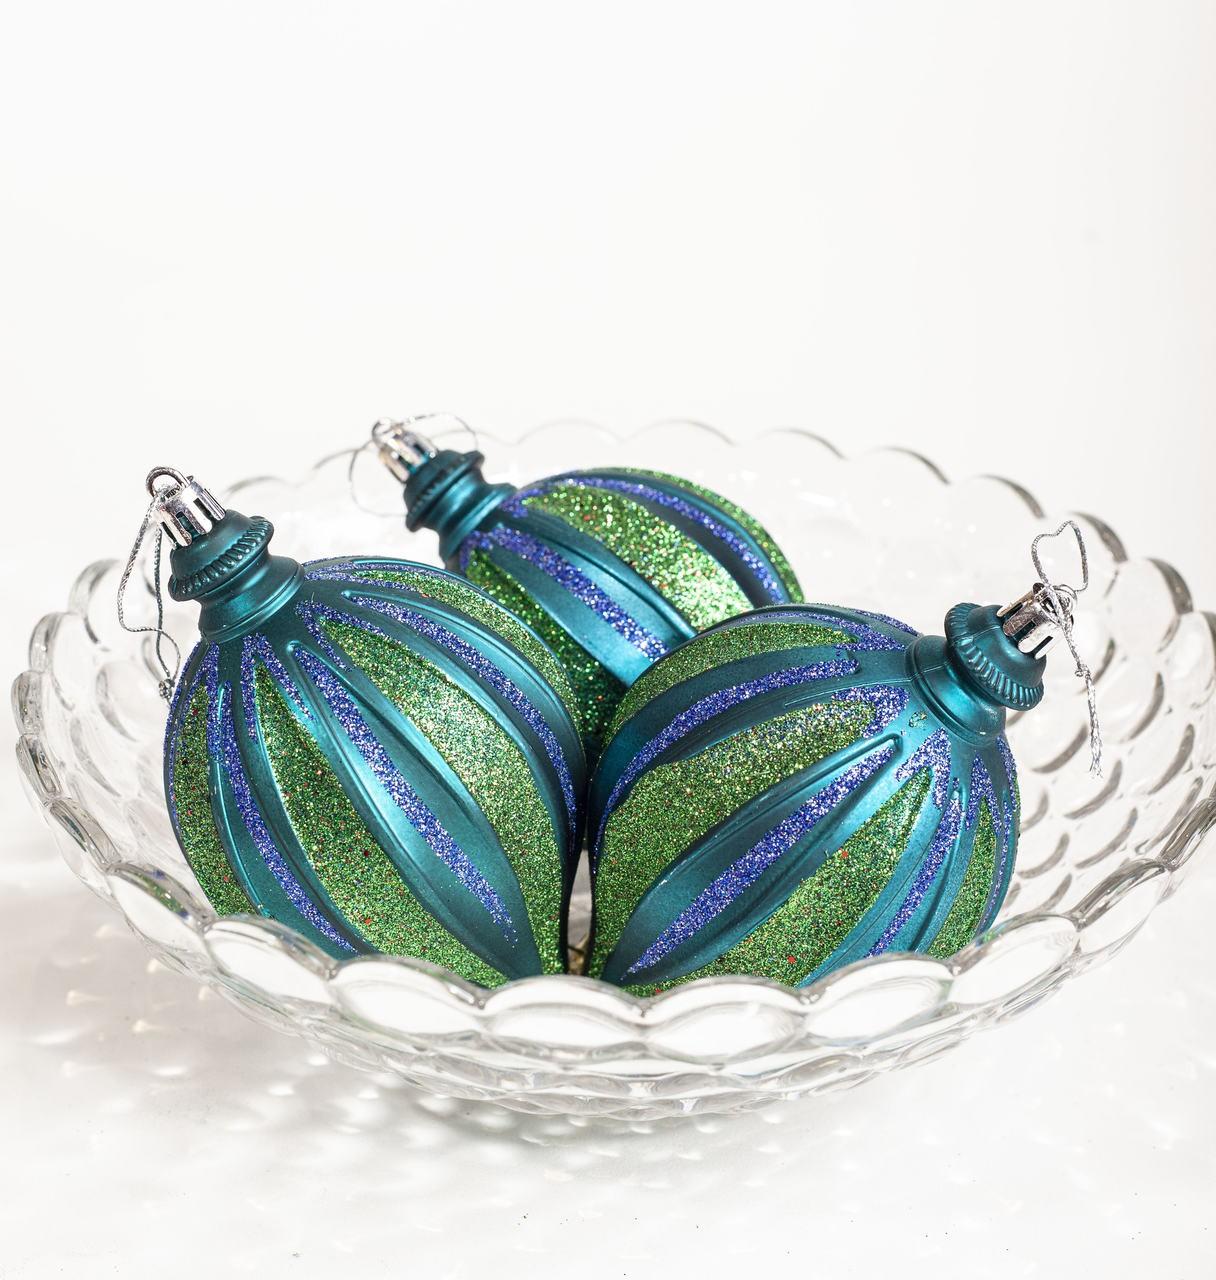 Bola Pião Natalina Verde Azulado Com Listras Brilhantes - 3 Un